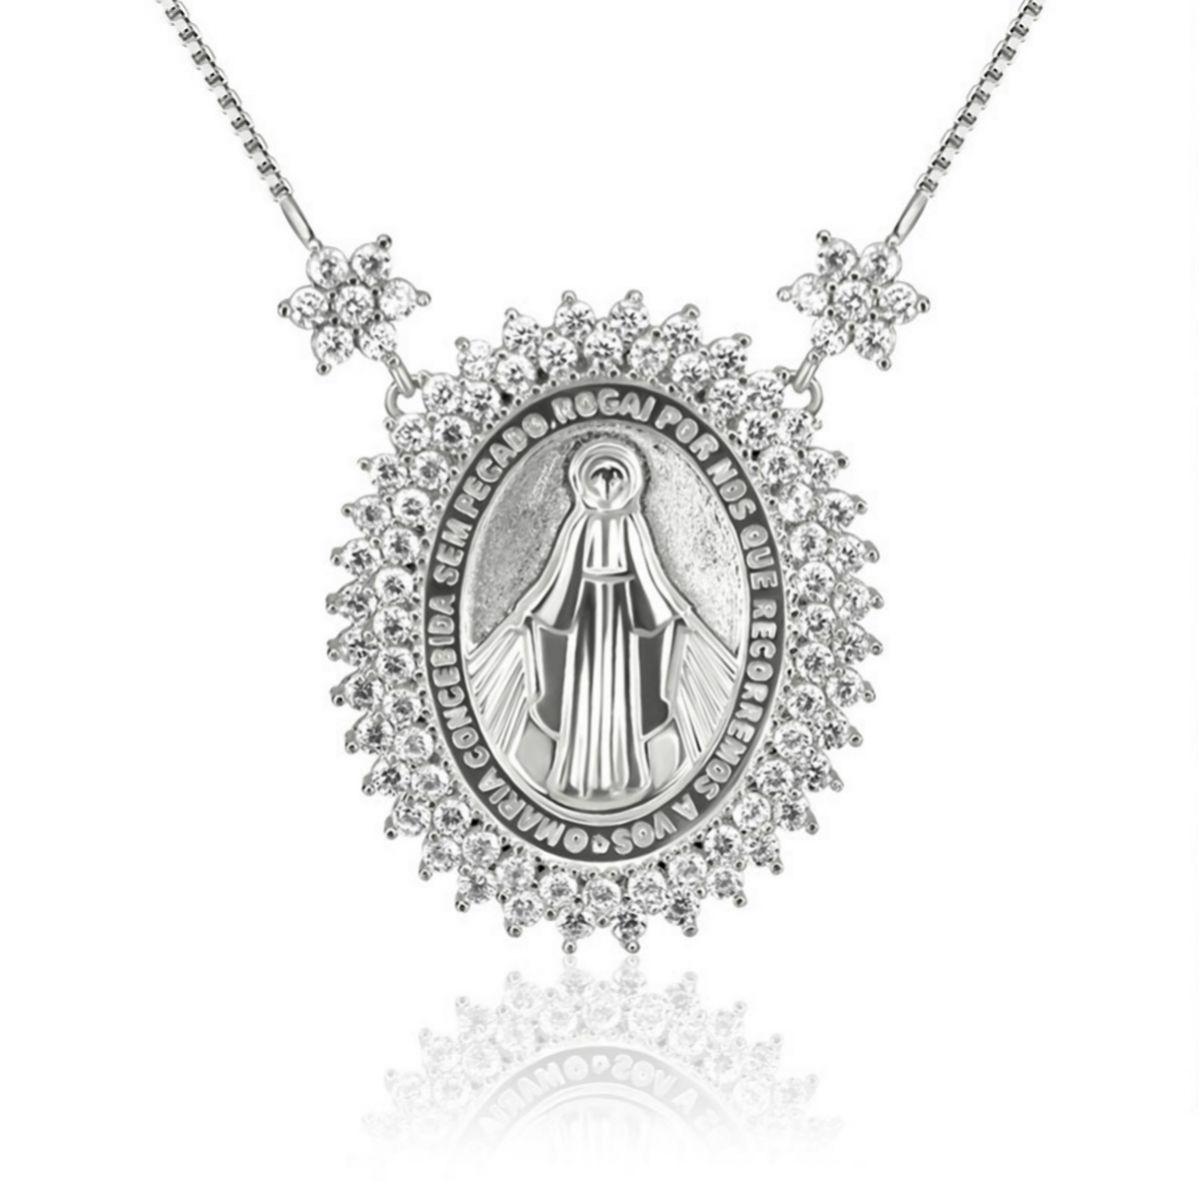 Colar Medalha de Nossa Senhora das Graças Grande Semijoia em Ródio Branco com Zircônia Branca  - Soloyou